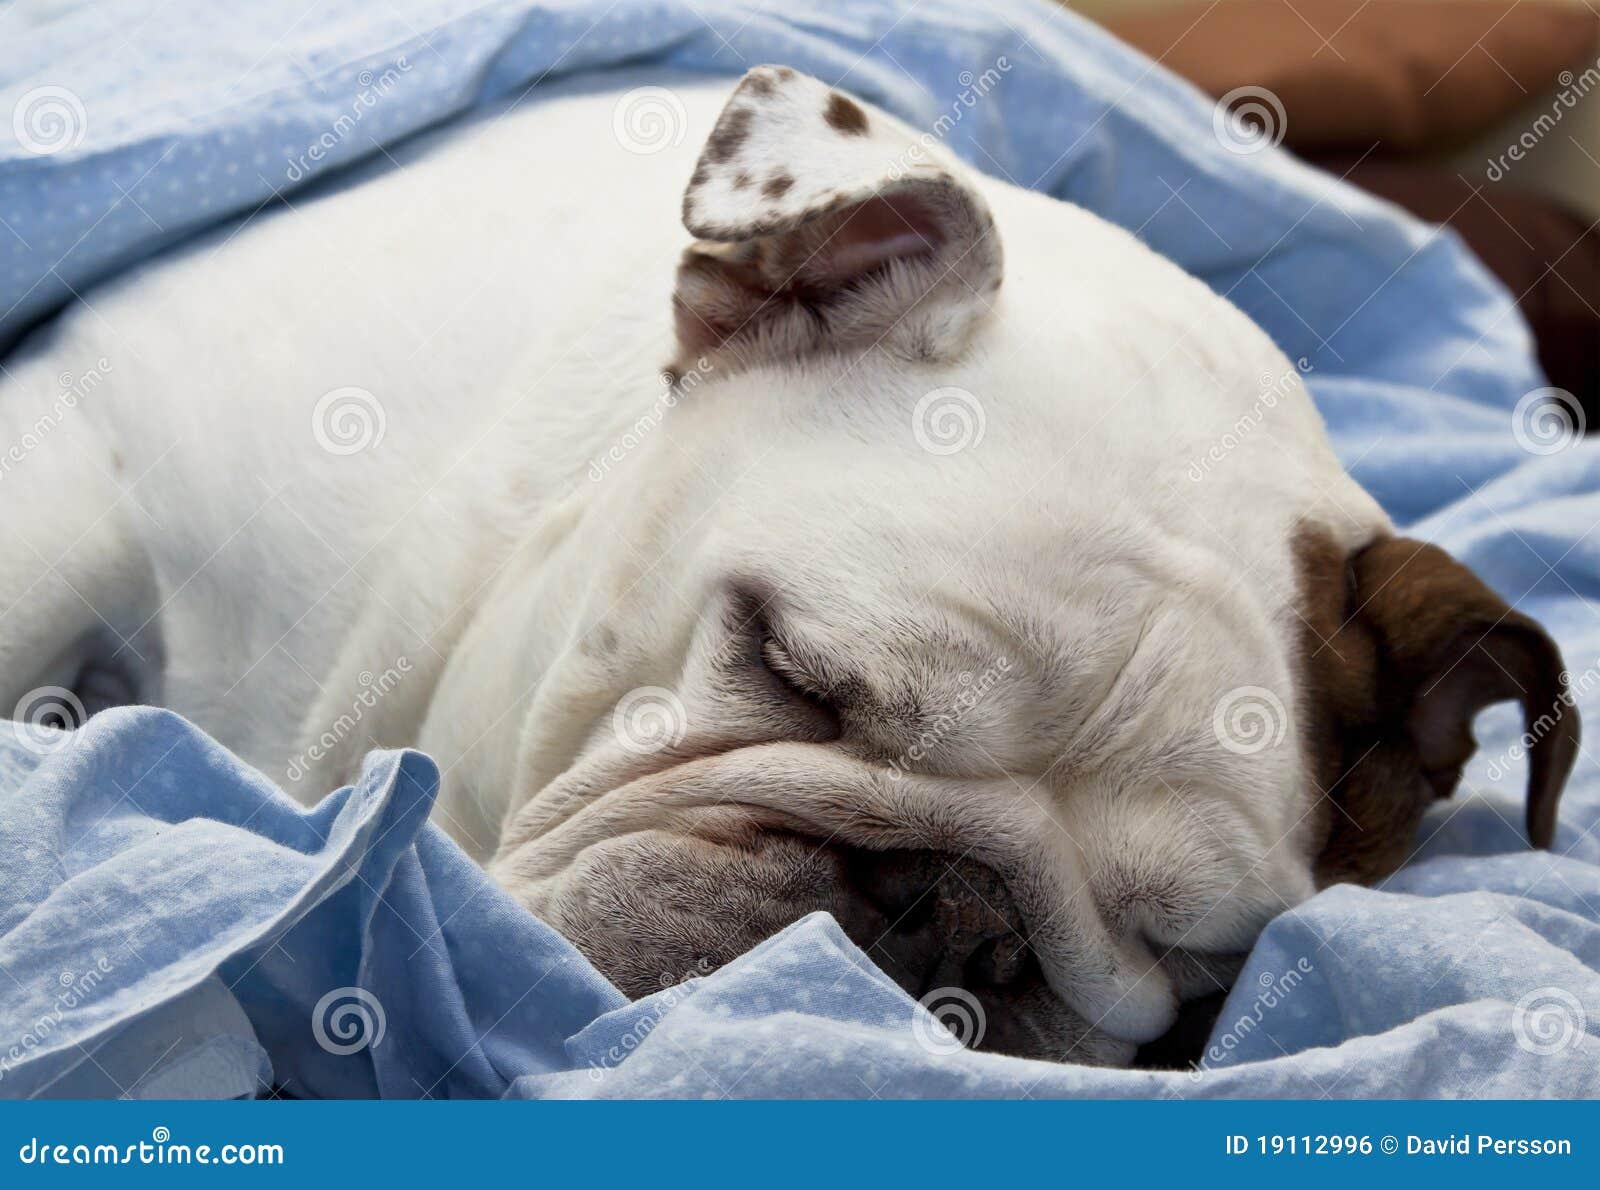 bouledogue anglais de sommeil photo stock image du yeux blanc 19112996. Black Bedroom Furniture Sets. Home Design Ideas